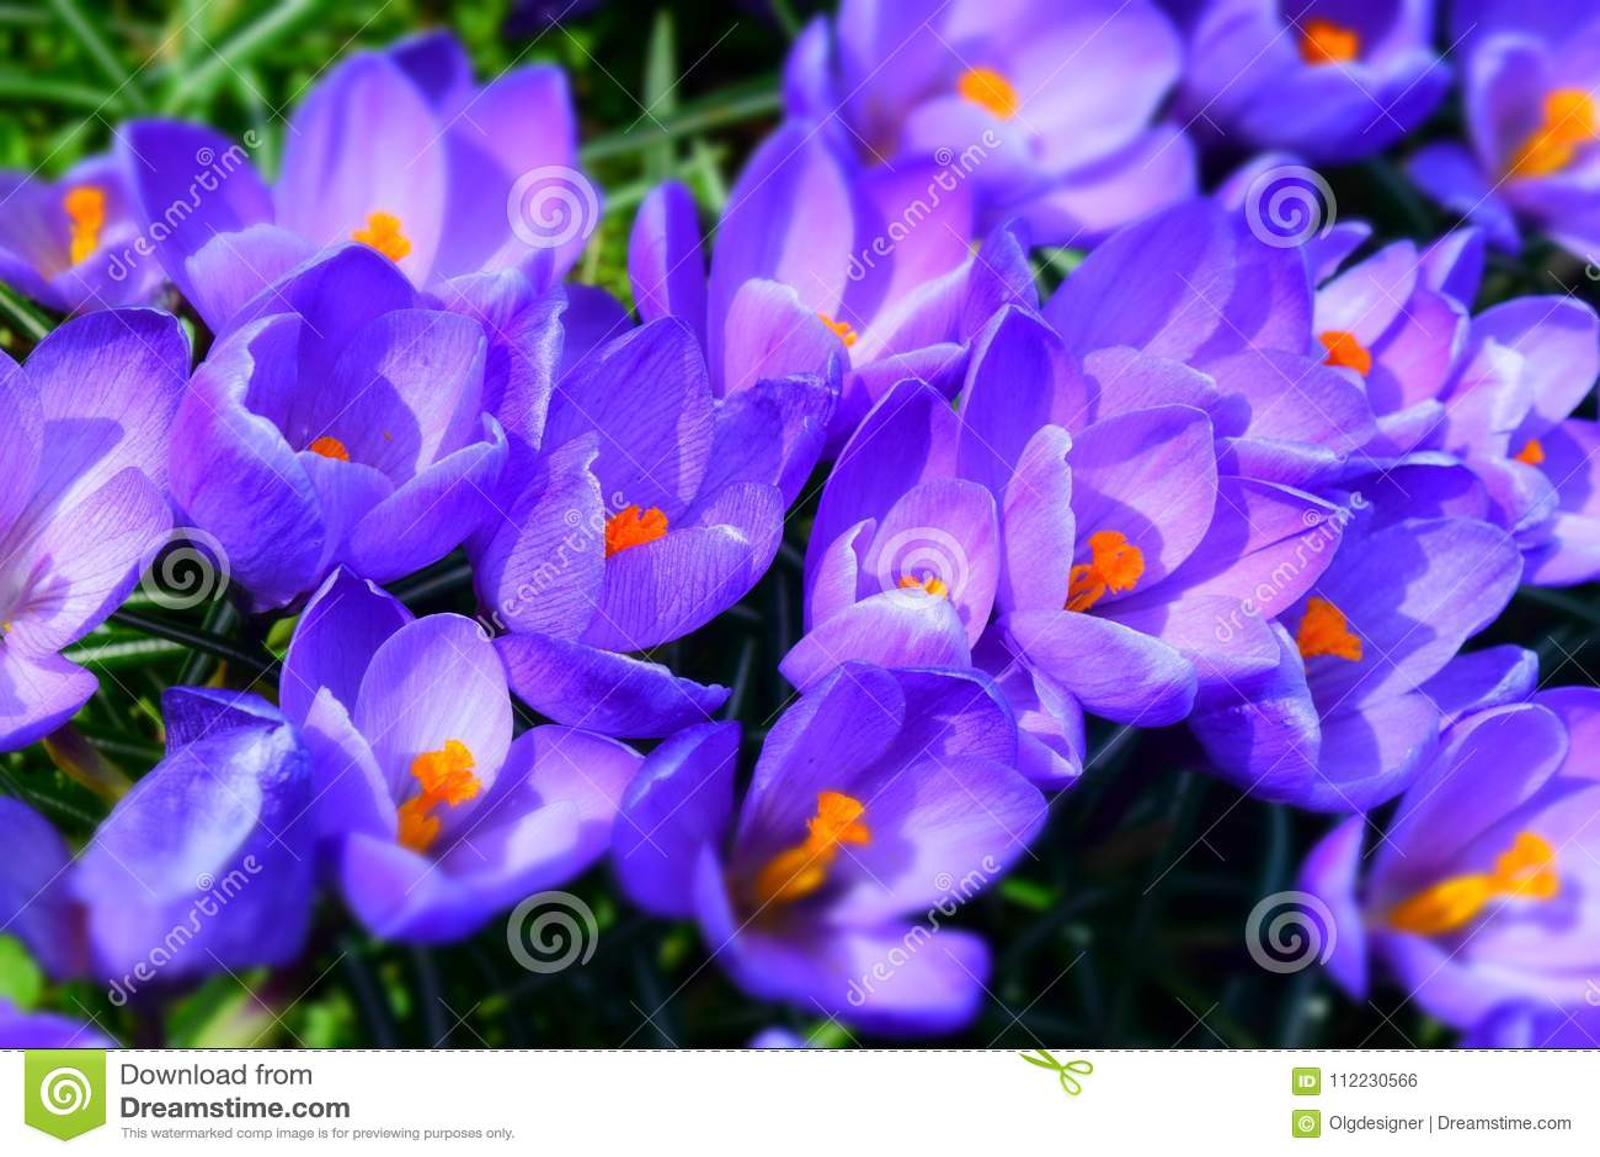 Φωτεινά λουλούδια υπεριωδών κρόκων